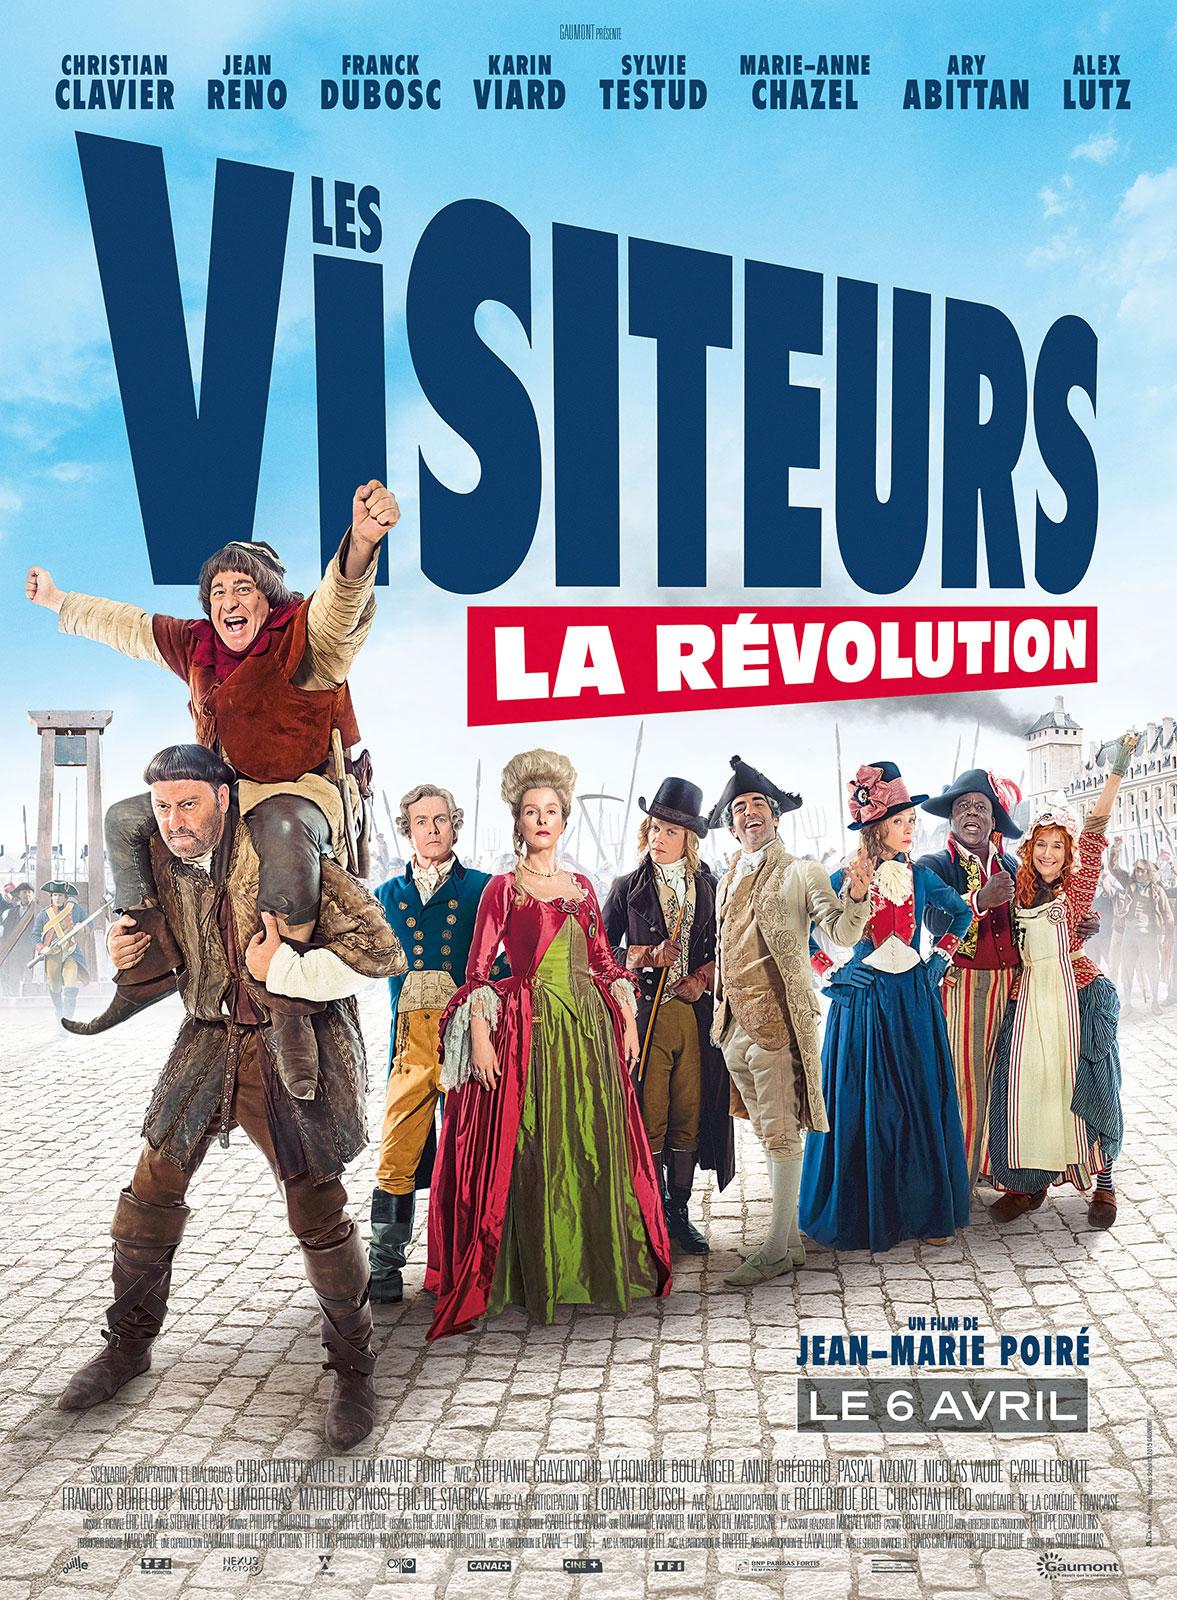 Les visiteurs la révolution  124820